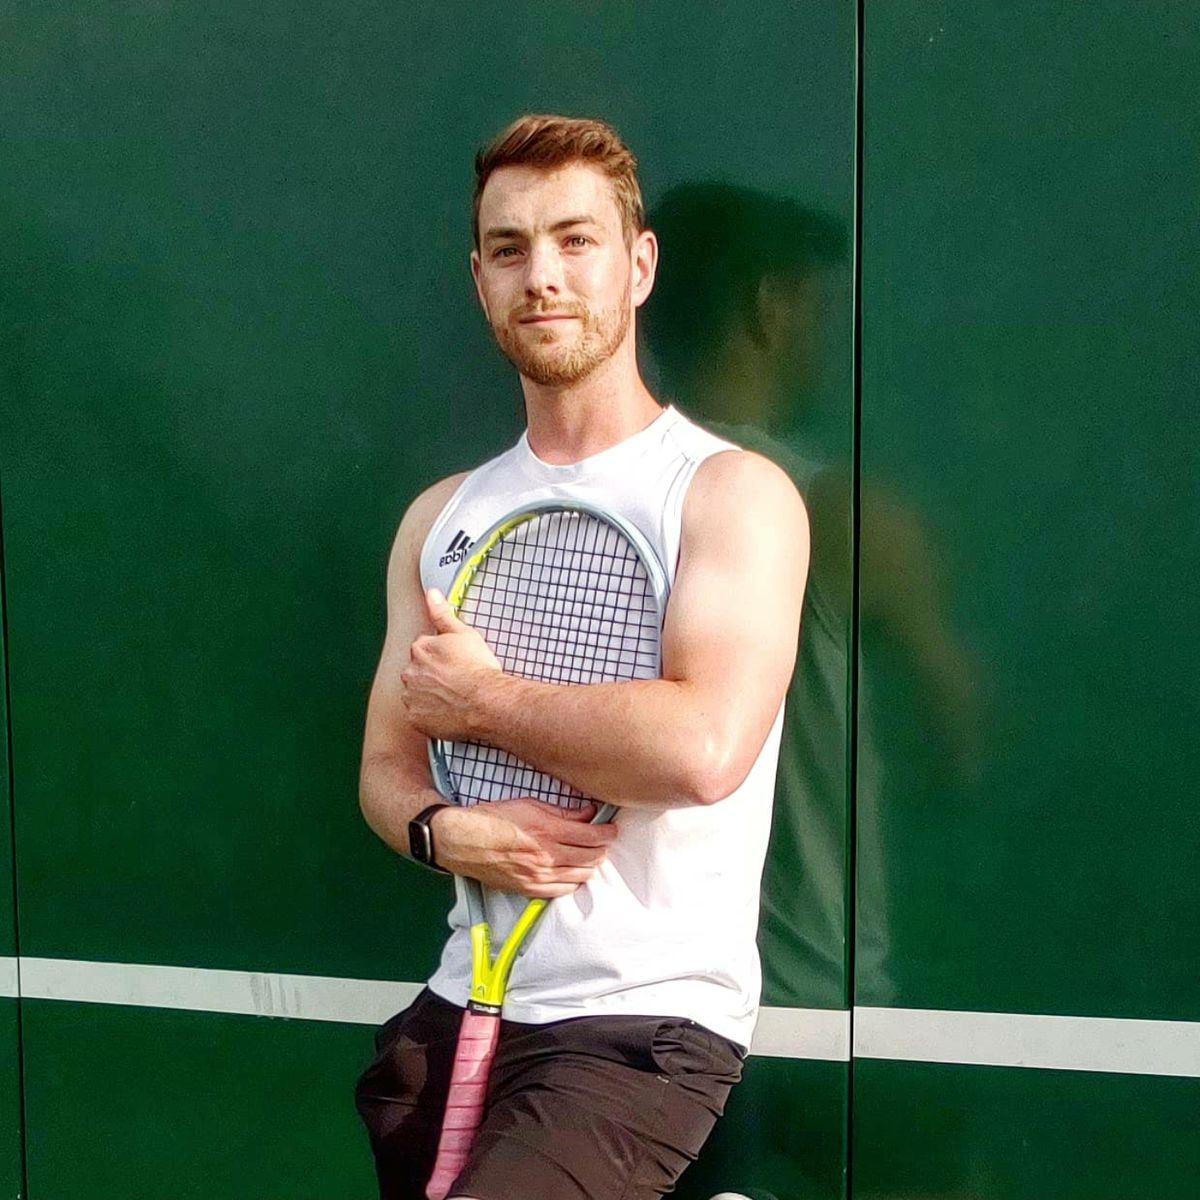 Scott Strough holding a tennis racket.